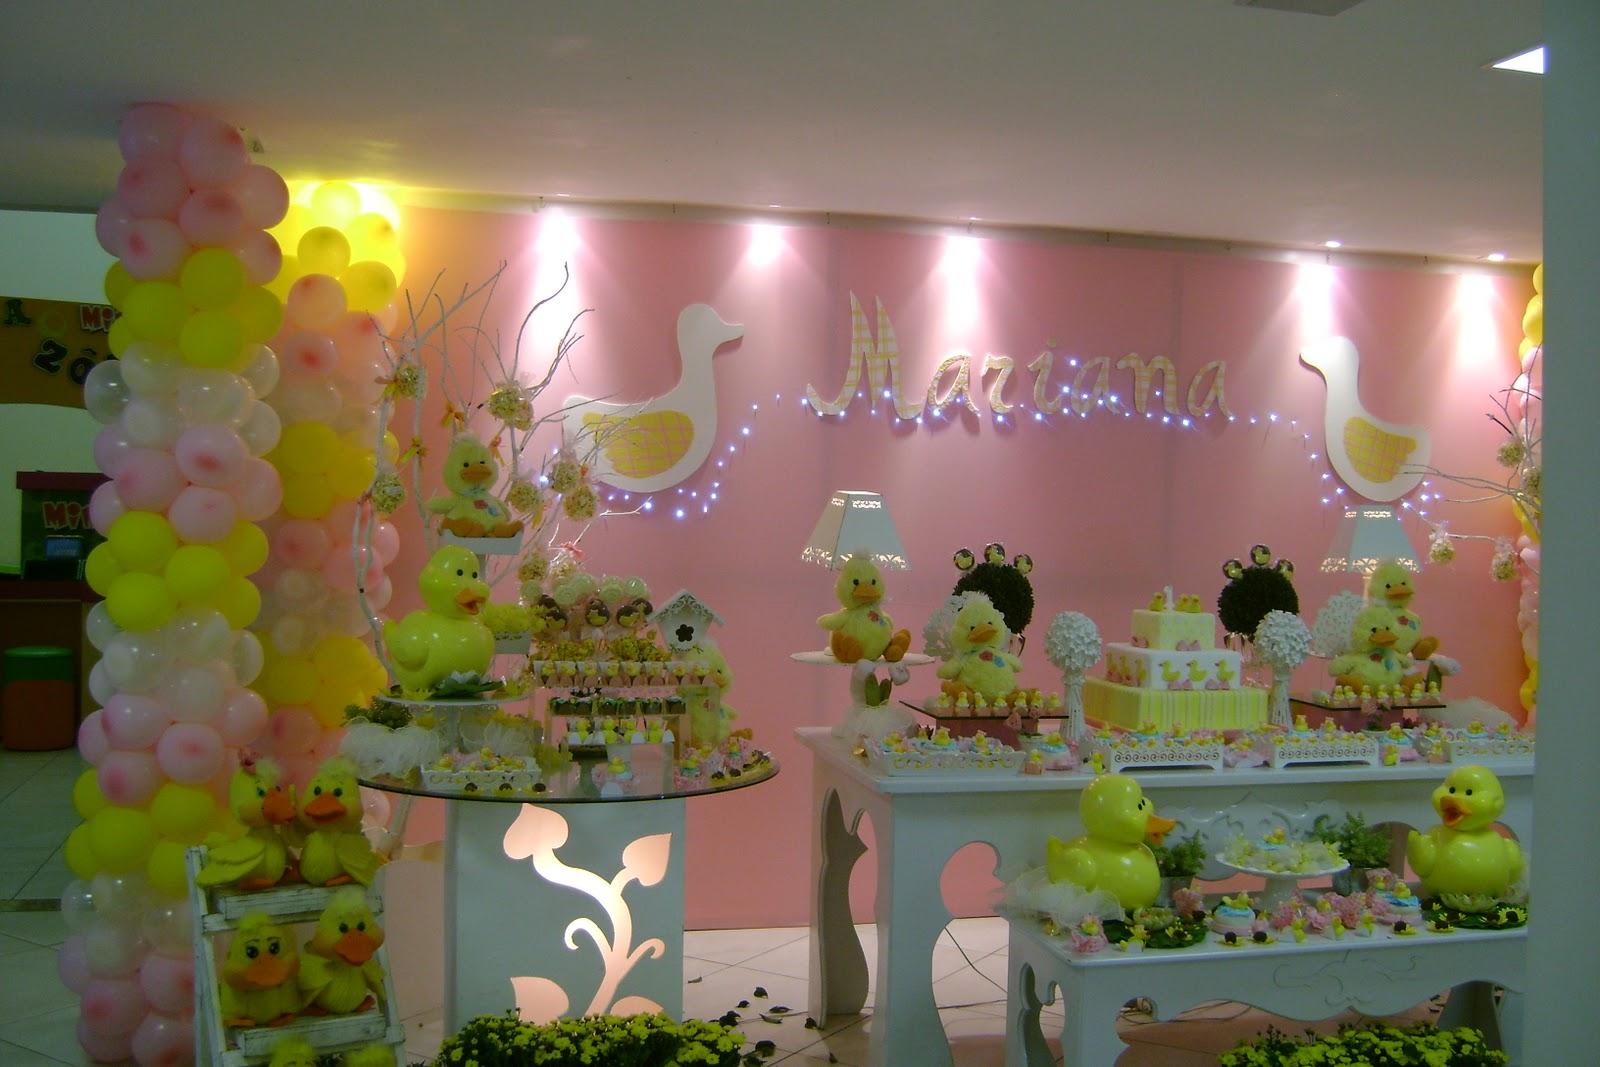 decoracao festa infantil azul e amarelo : decoracao festa infantil azul e amarelo:Blog da Yupii Fest: Patinhos rosa e amarelo para Mariana